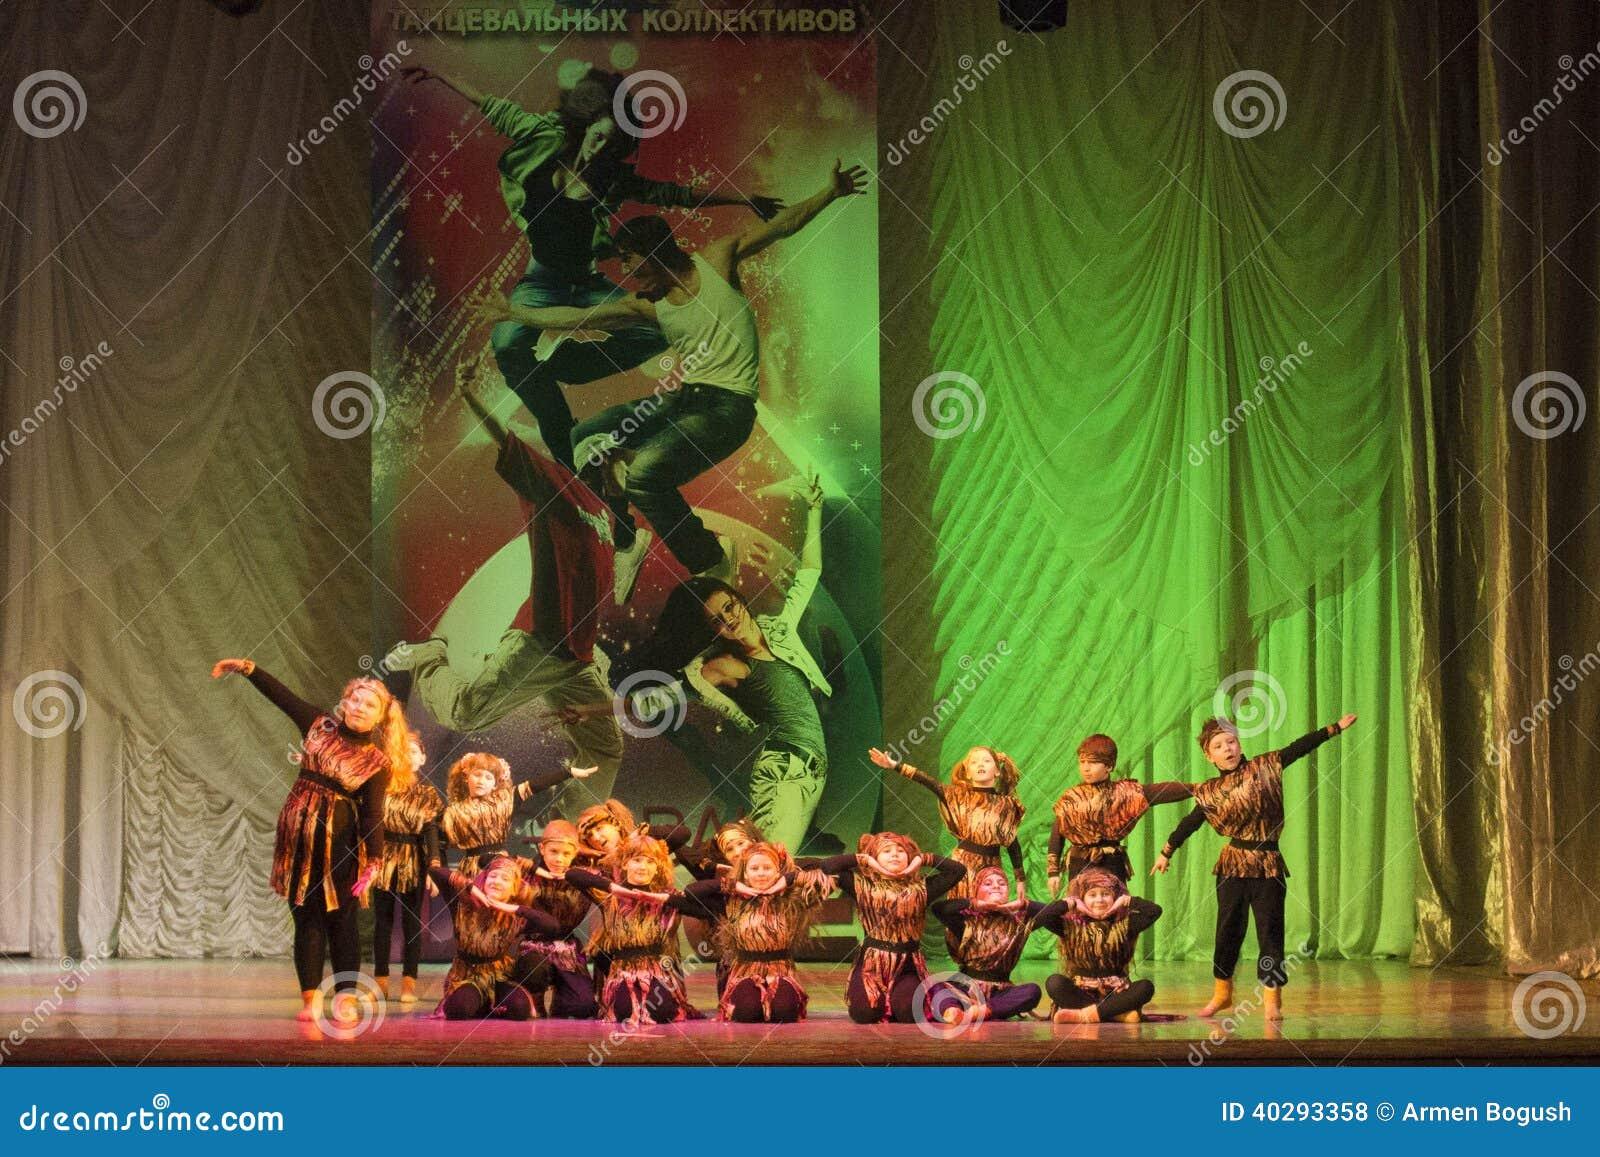 Глобальные конкуренции в хореографии, Минск танца, Беларусь.